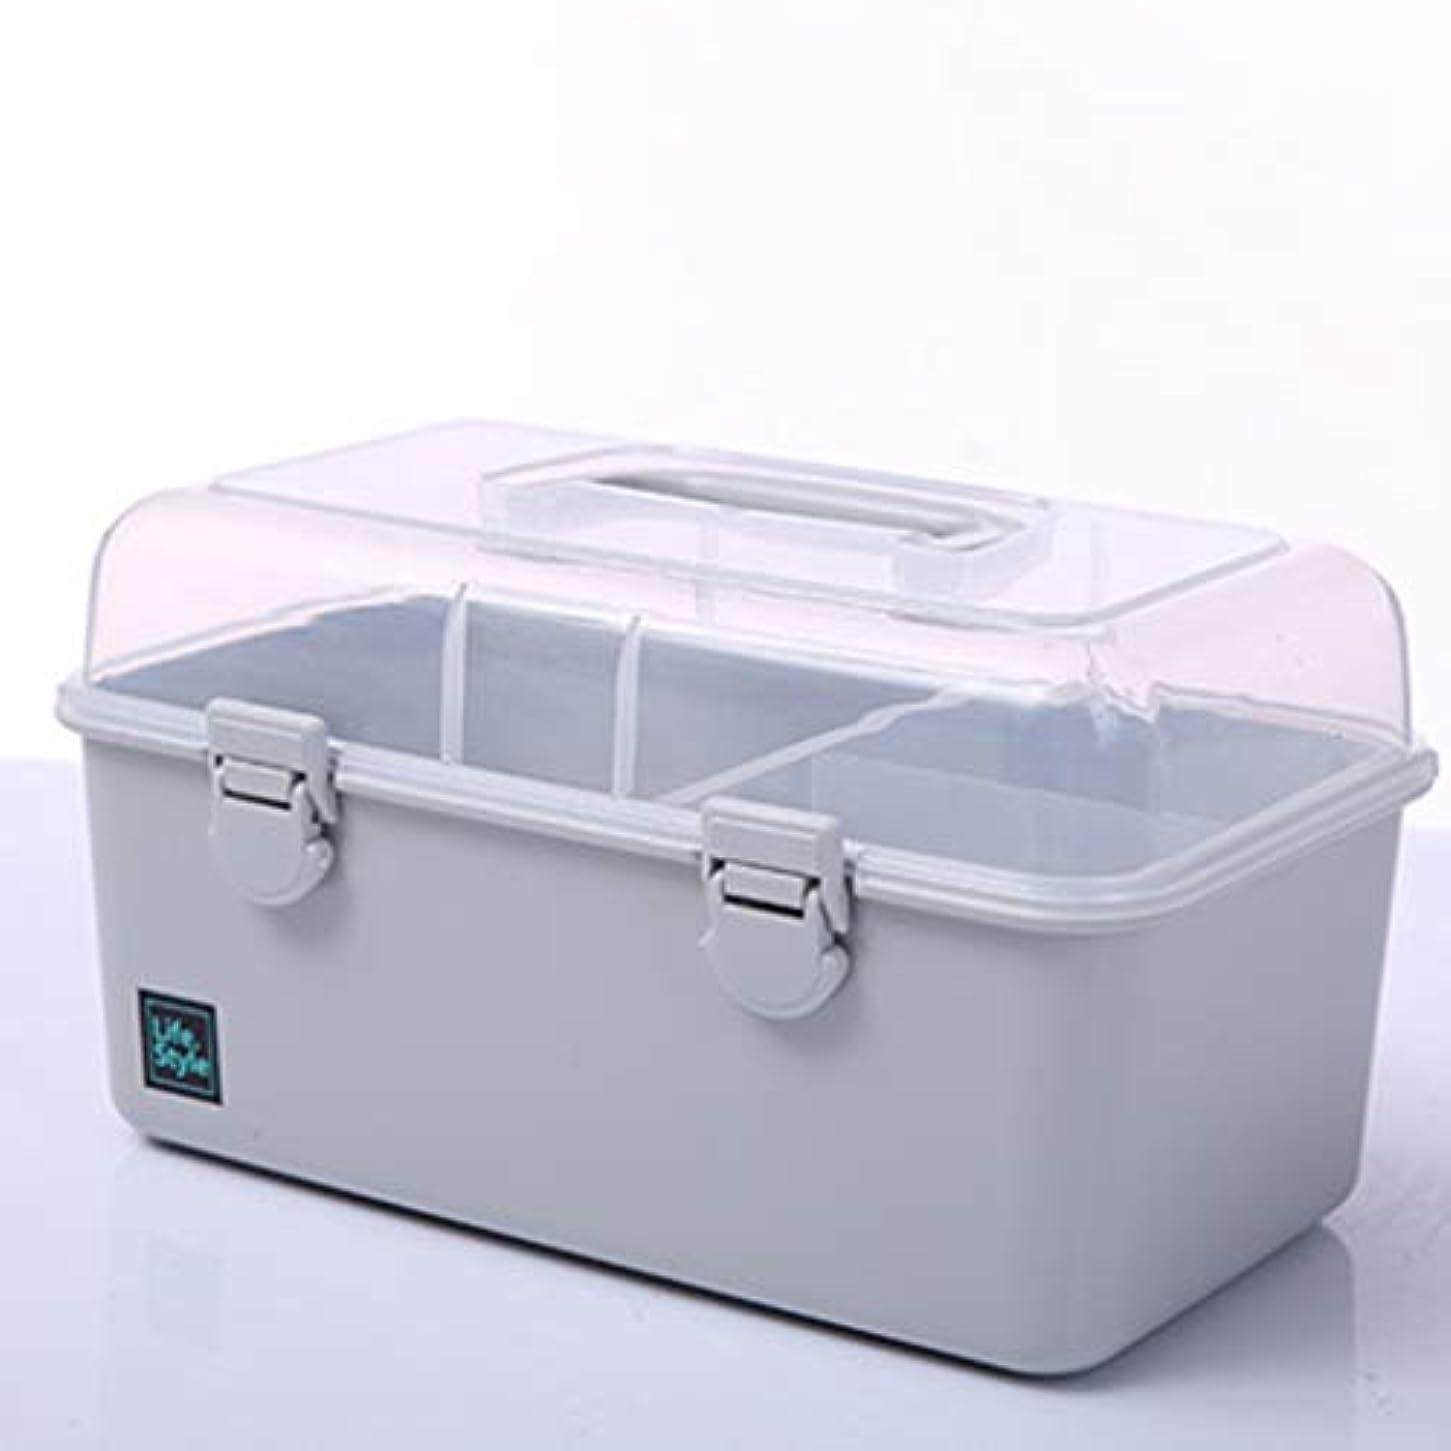 ペルセウス残り物白雪姫赤ちゃん薬箱薬収納ボックス多層ホーム応急処置キット5色がご利用いただけます LXMSP (Color : Gray)